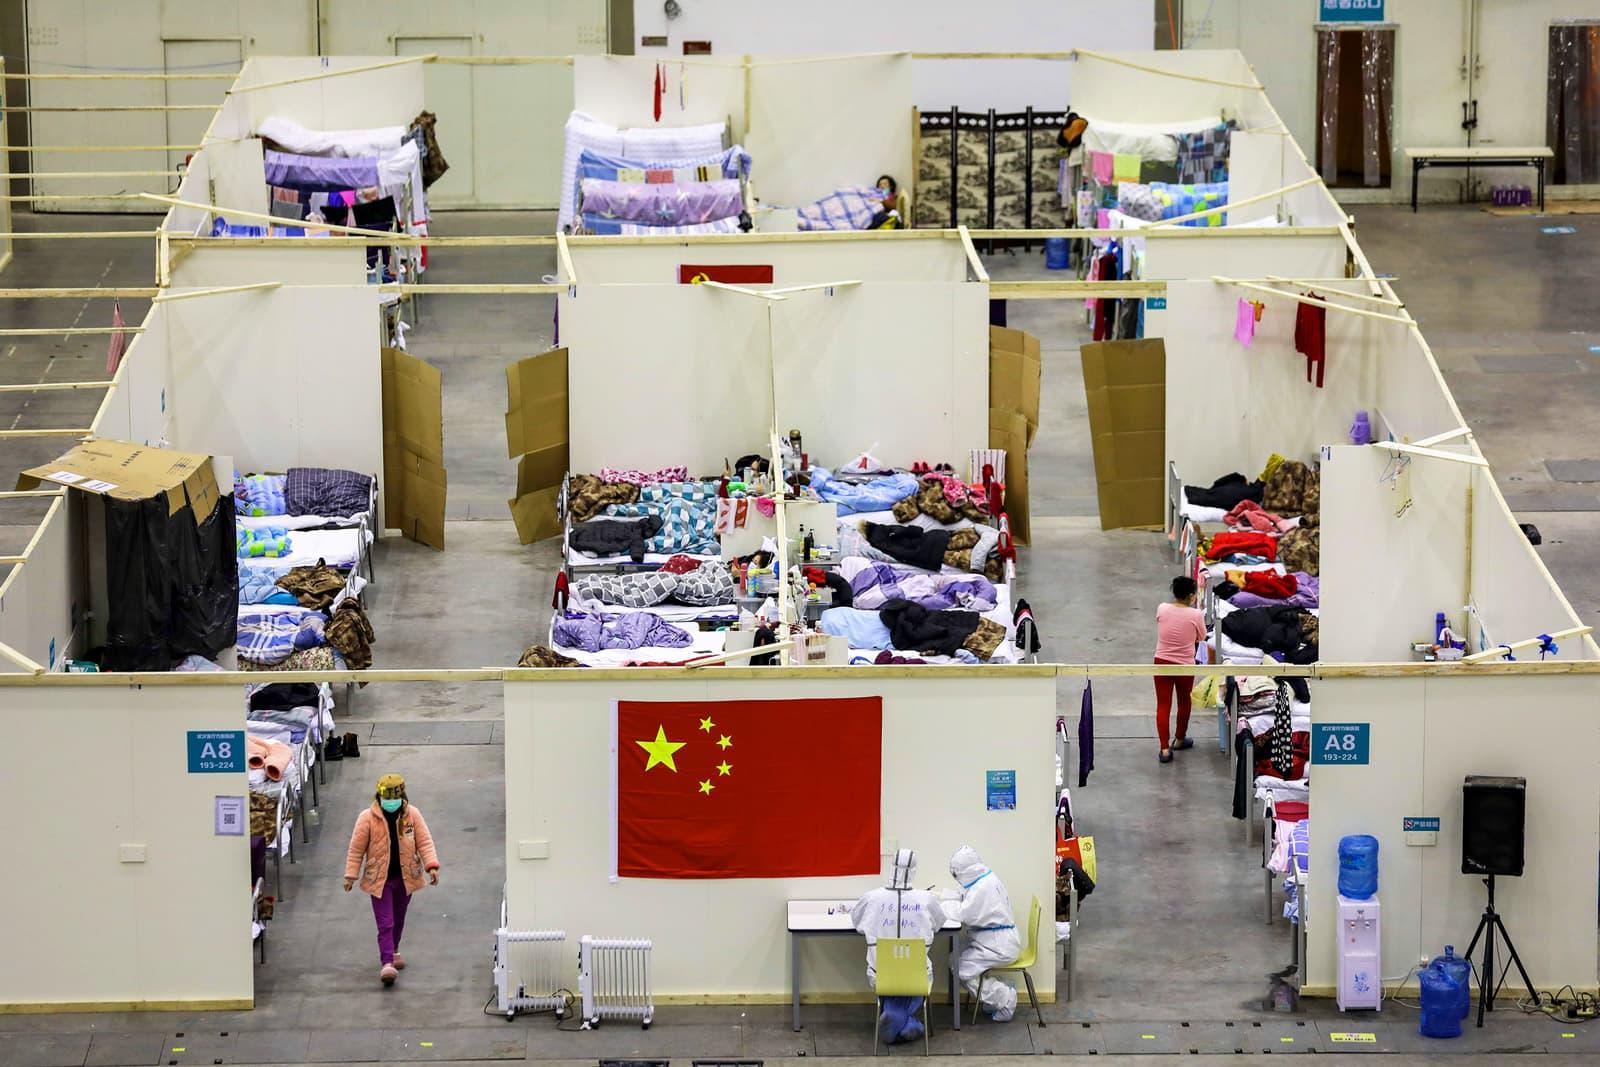 Hospital improvisat, en un centre d'exposicions de Wuhan, per atendre els infectats pel coronavirus. Fotografia de Yuan Zheng/Gety Images